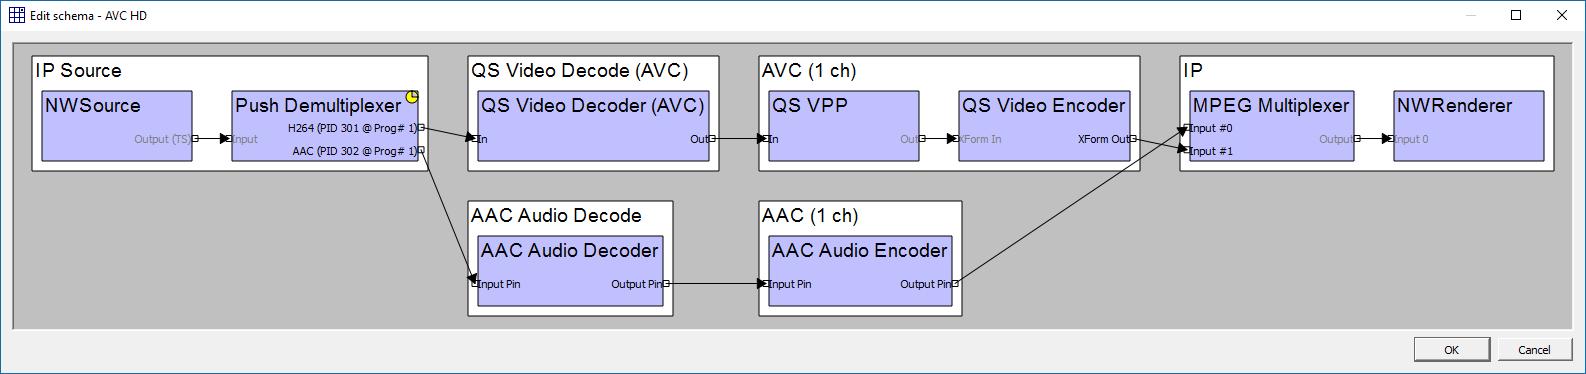 Просто, мощно, навсегда. Элекард CodecWorks 990 — программный лайв транскодер для AVC и HEVC - 5